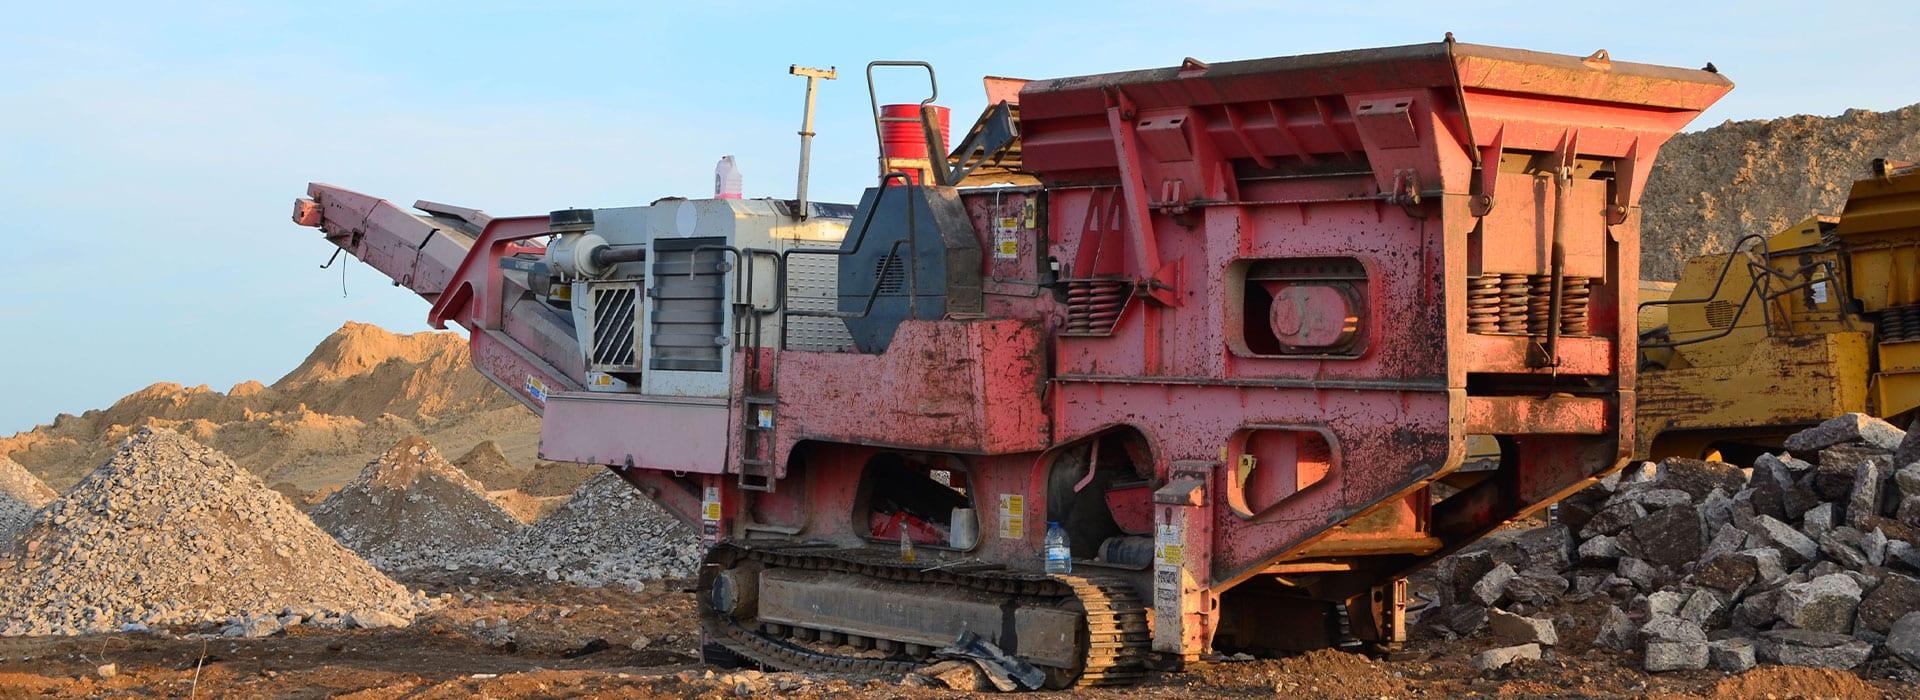 REA-Tiefbau-Slide-Recycling